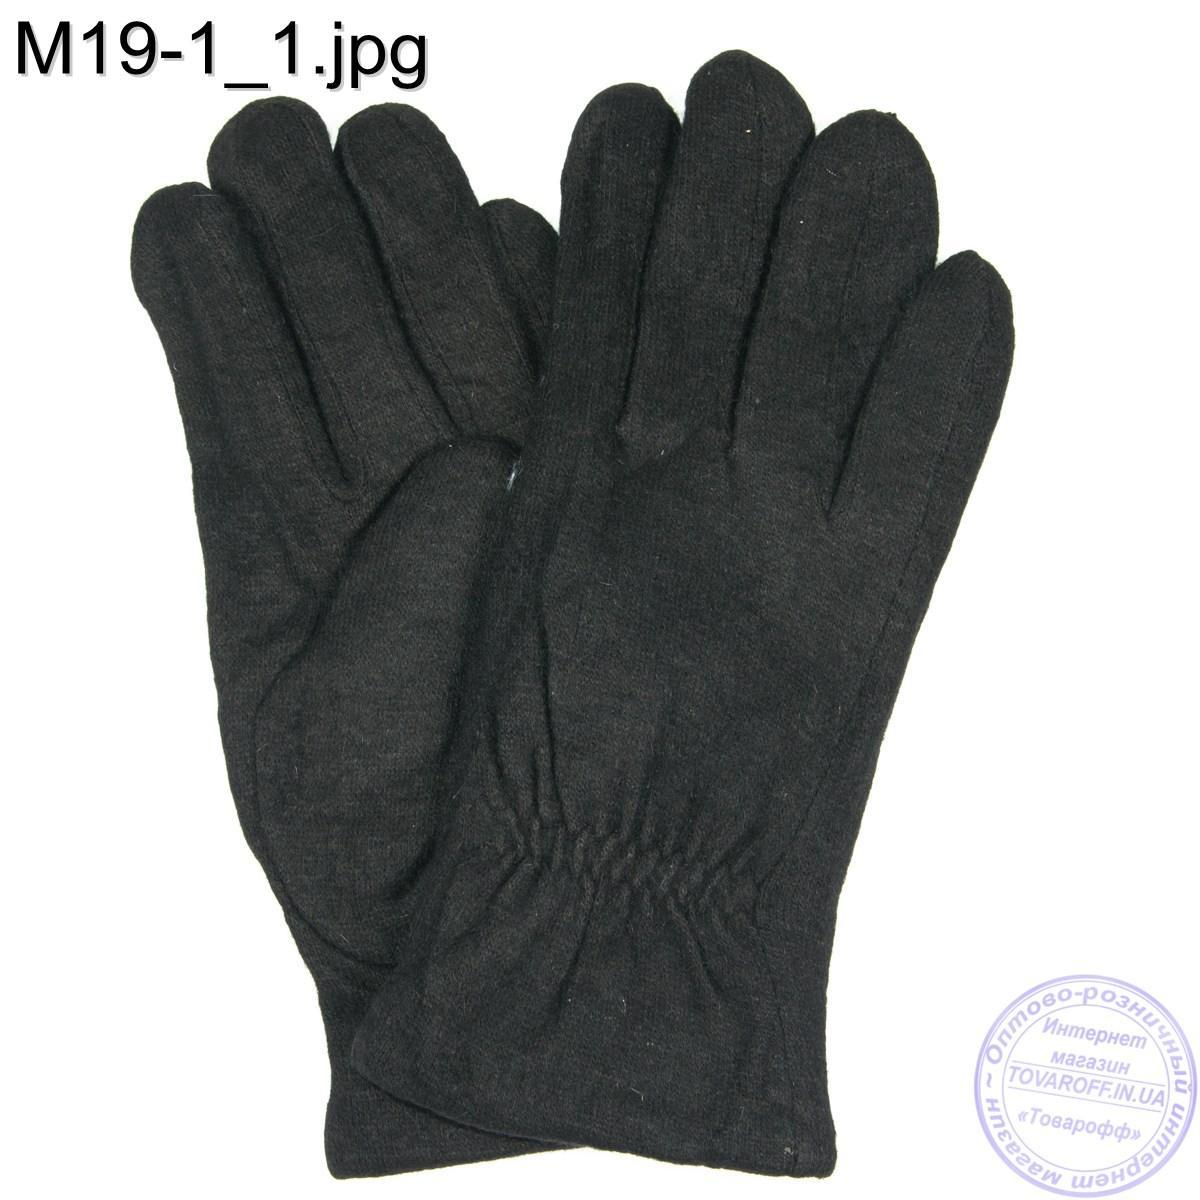 Мужские кашемировые перчатки с махровым утеплителем - M19-1